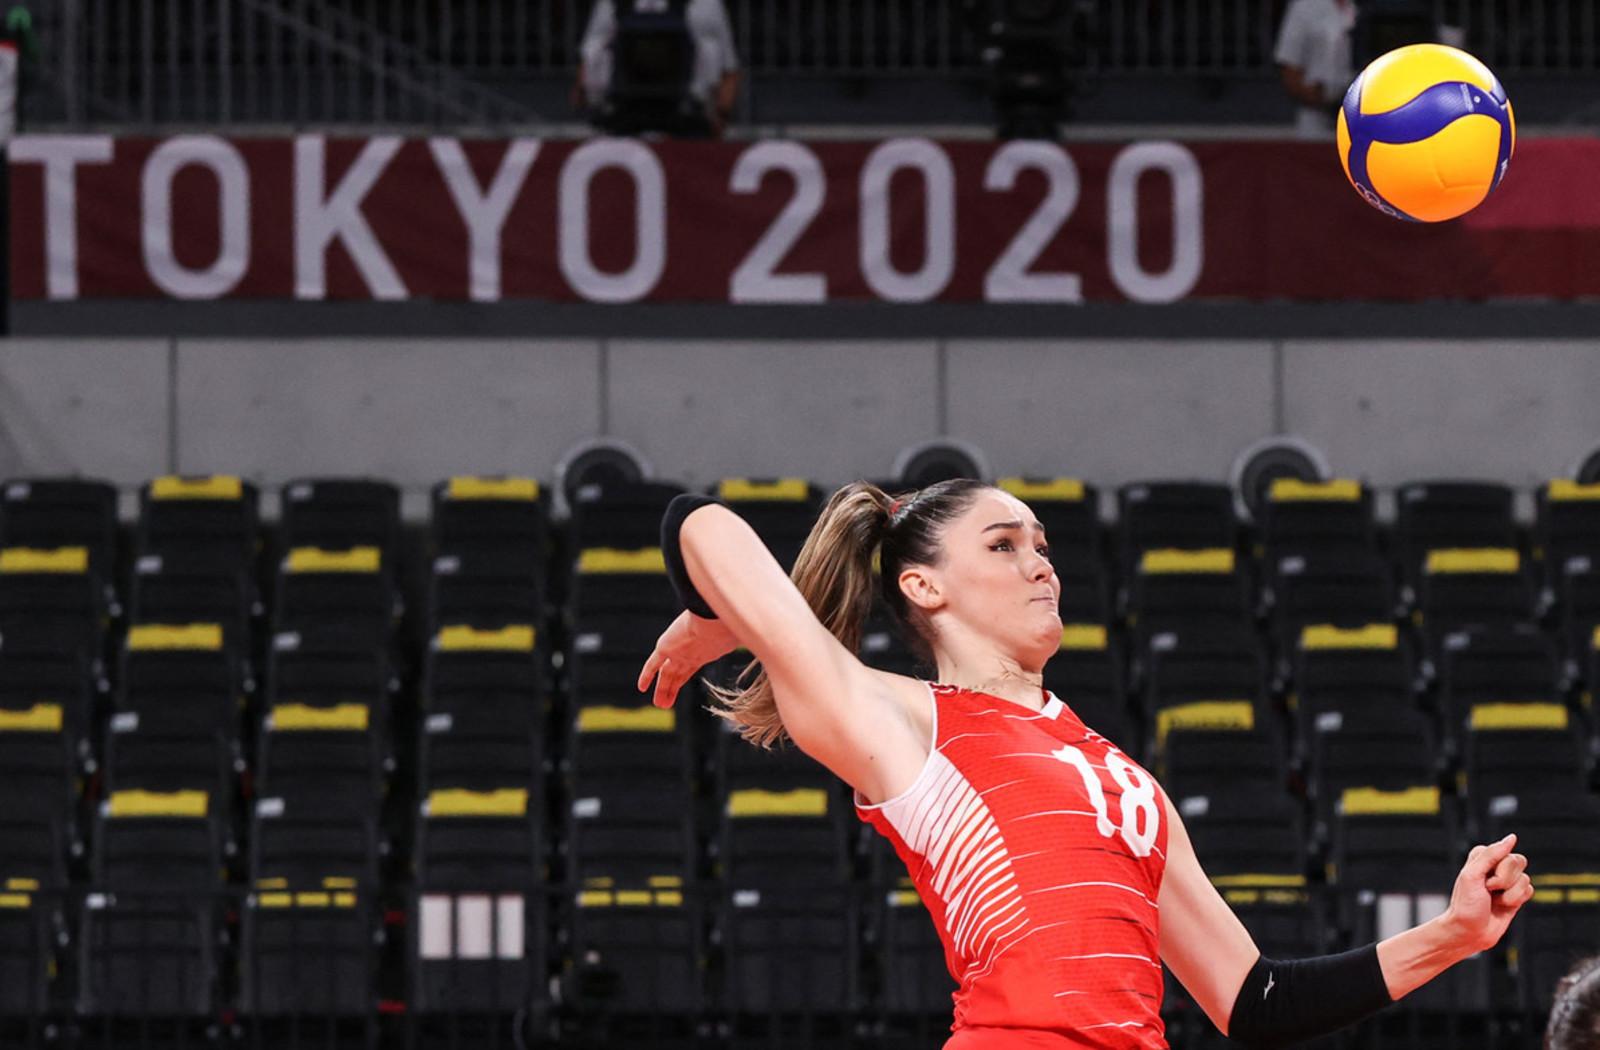 Zehra Gunes della nazionale di pallavolo turca